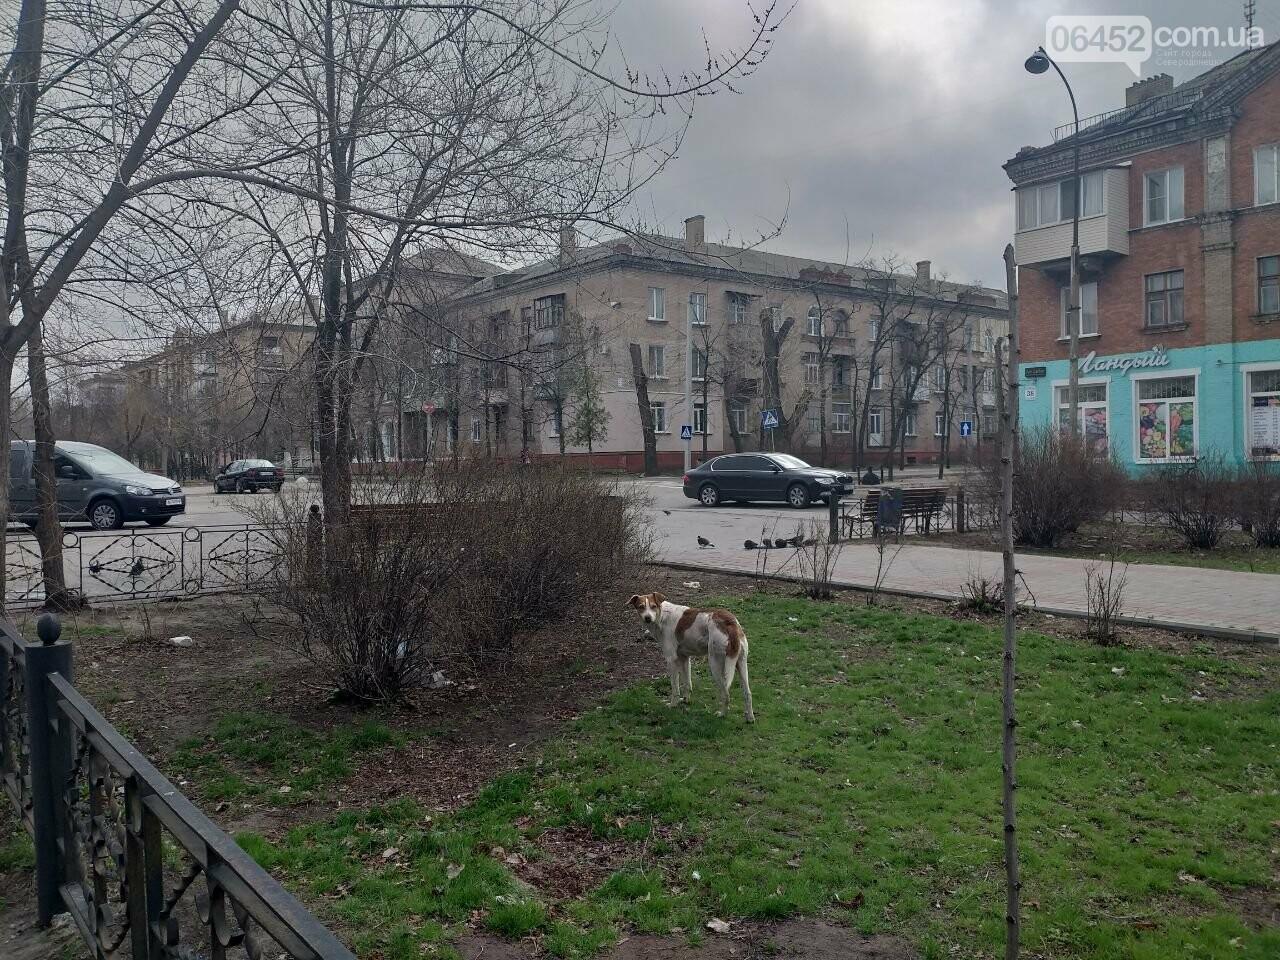 Бродячие собаки — реальная опасность Северодонецка , фото-2